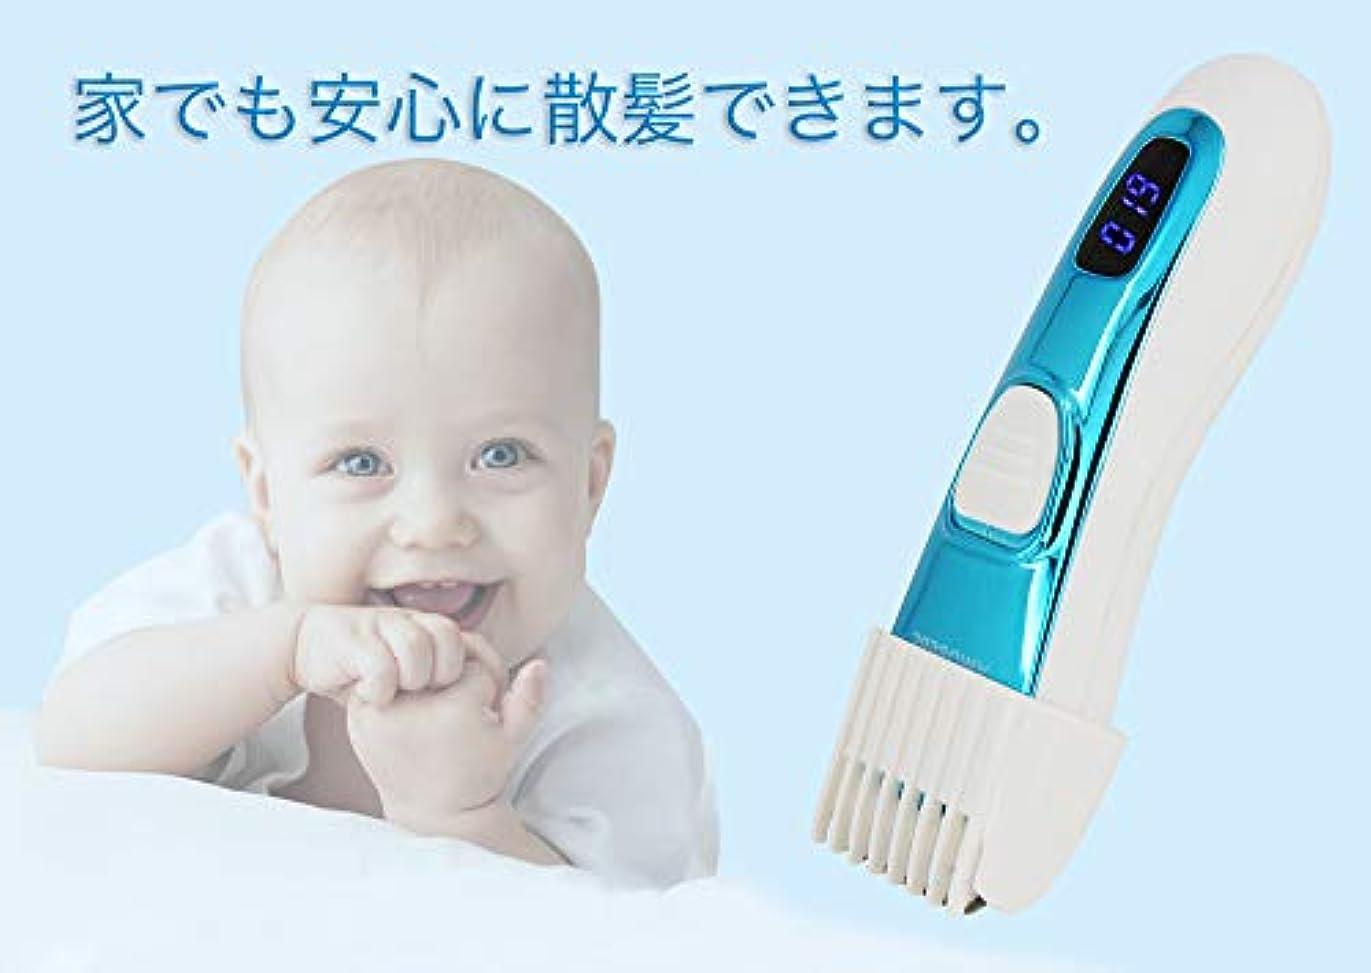 パワーつかの間ことわざAMOBEBE 子供バリカン こども用 散髪 防水 充電 LED液晶 日本語説明書付き PSE証明書を持つアダプタを 含めて